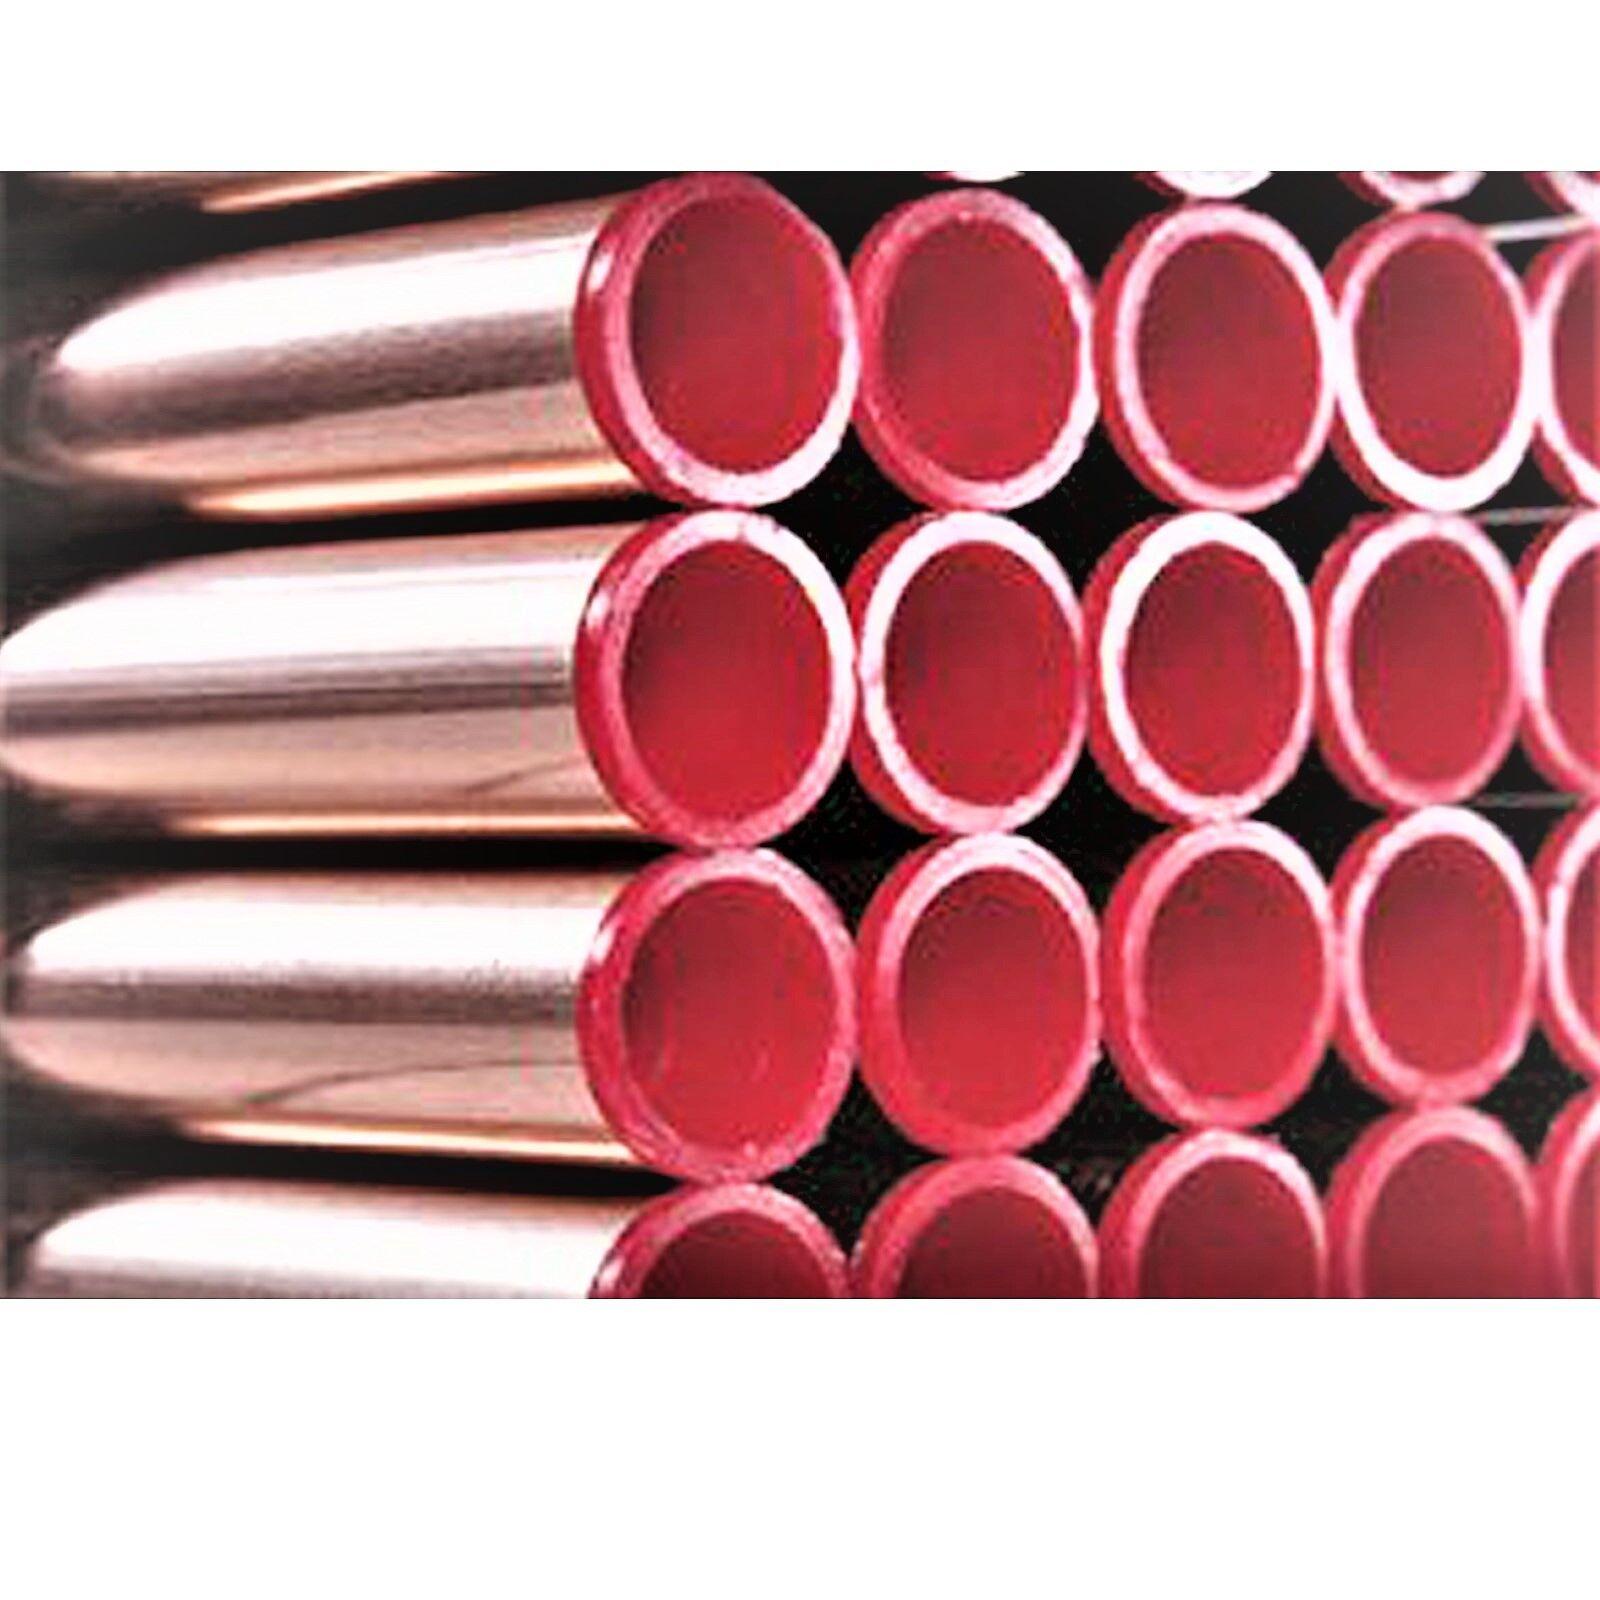 25 m Buderus Kupferrohr 18 x 1,0 mm halbhart, CU-Rohr Heizung 5m Stange RAL/DVGW